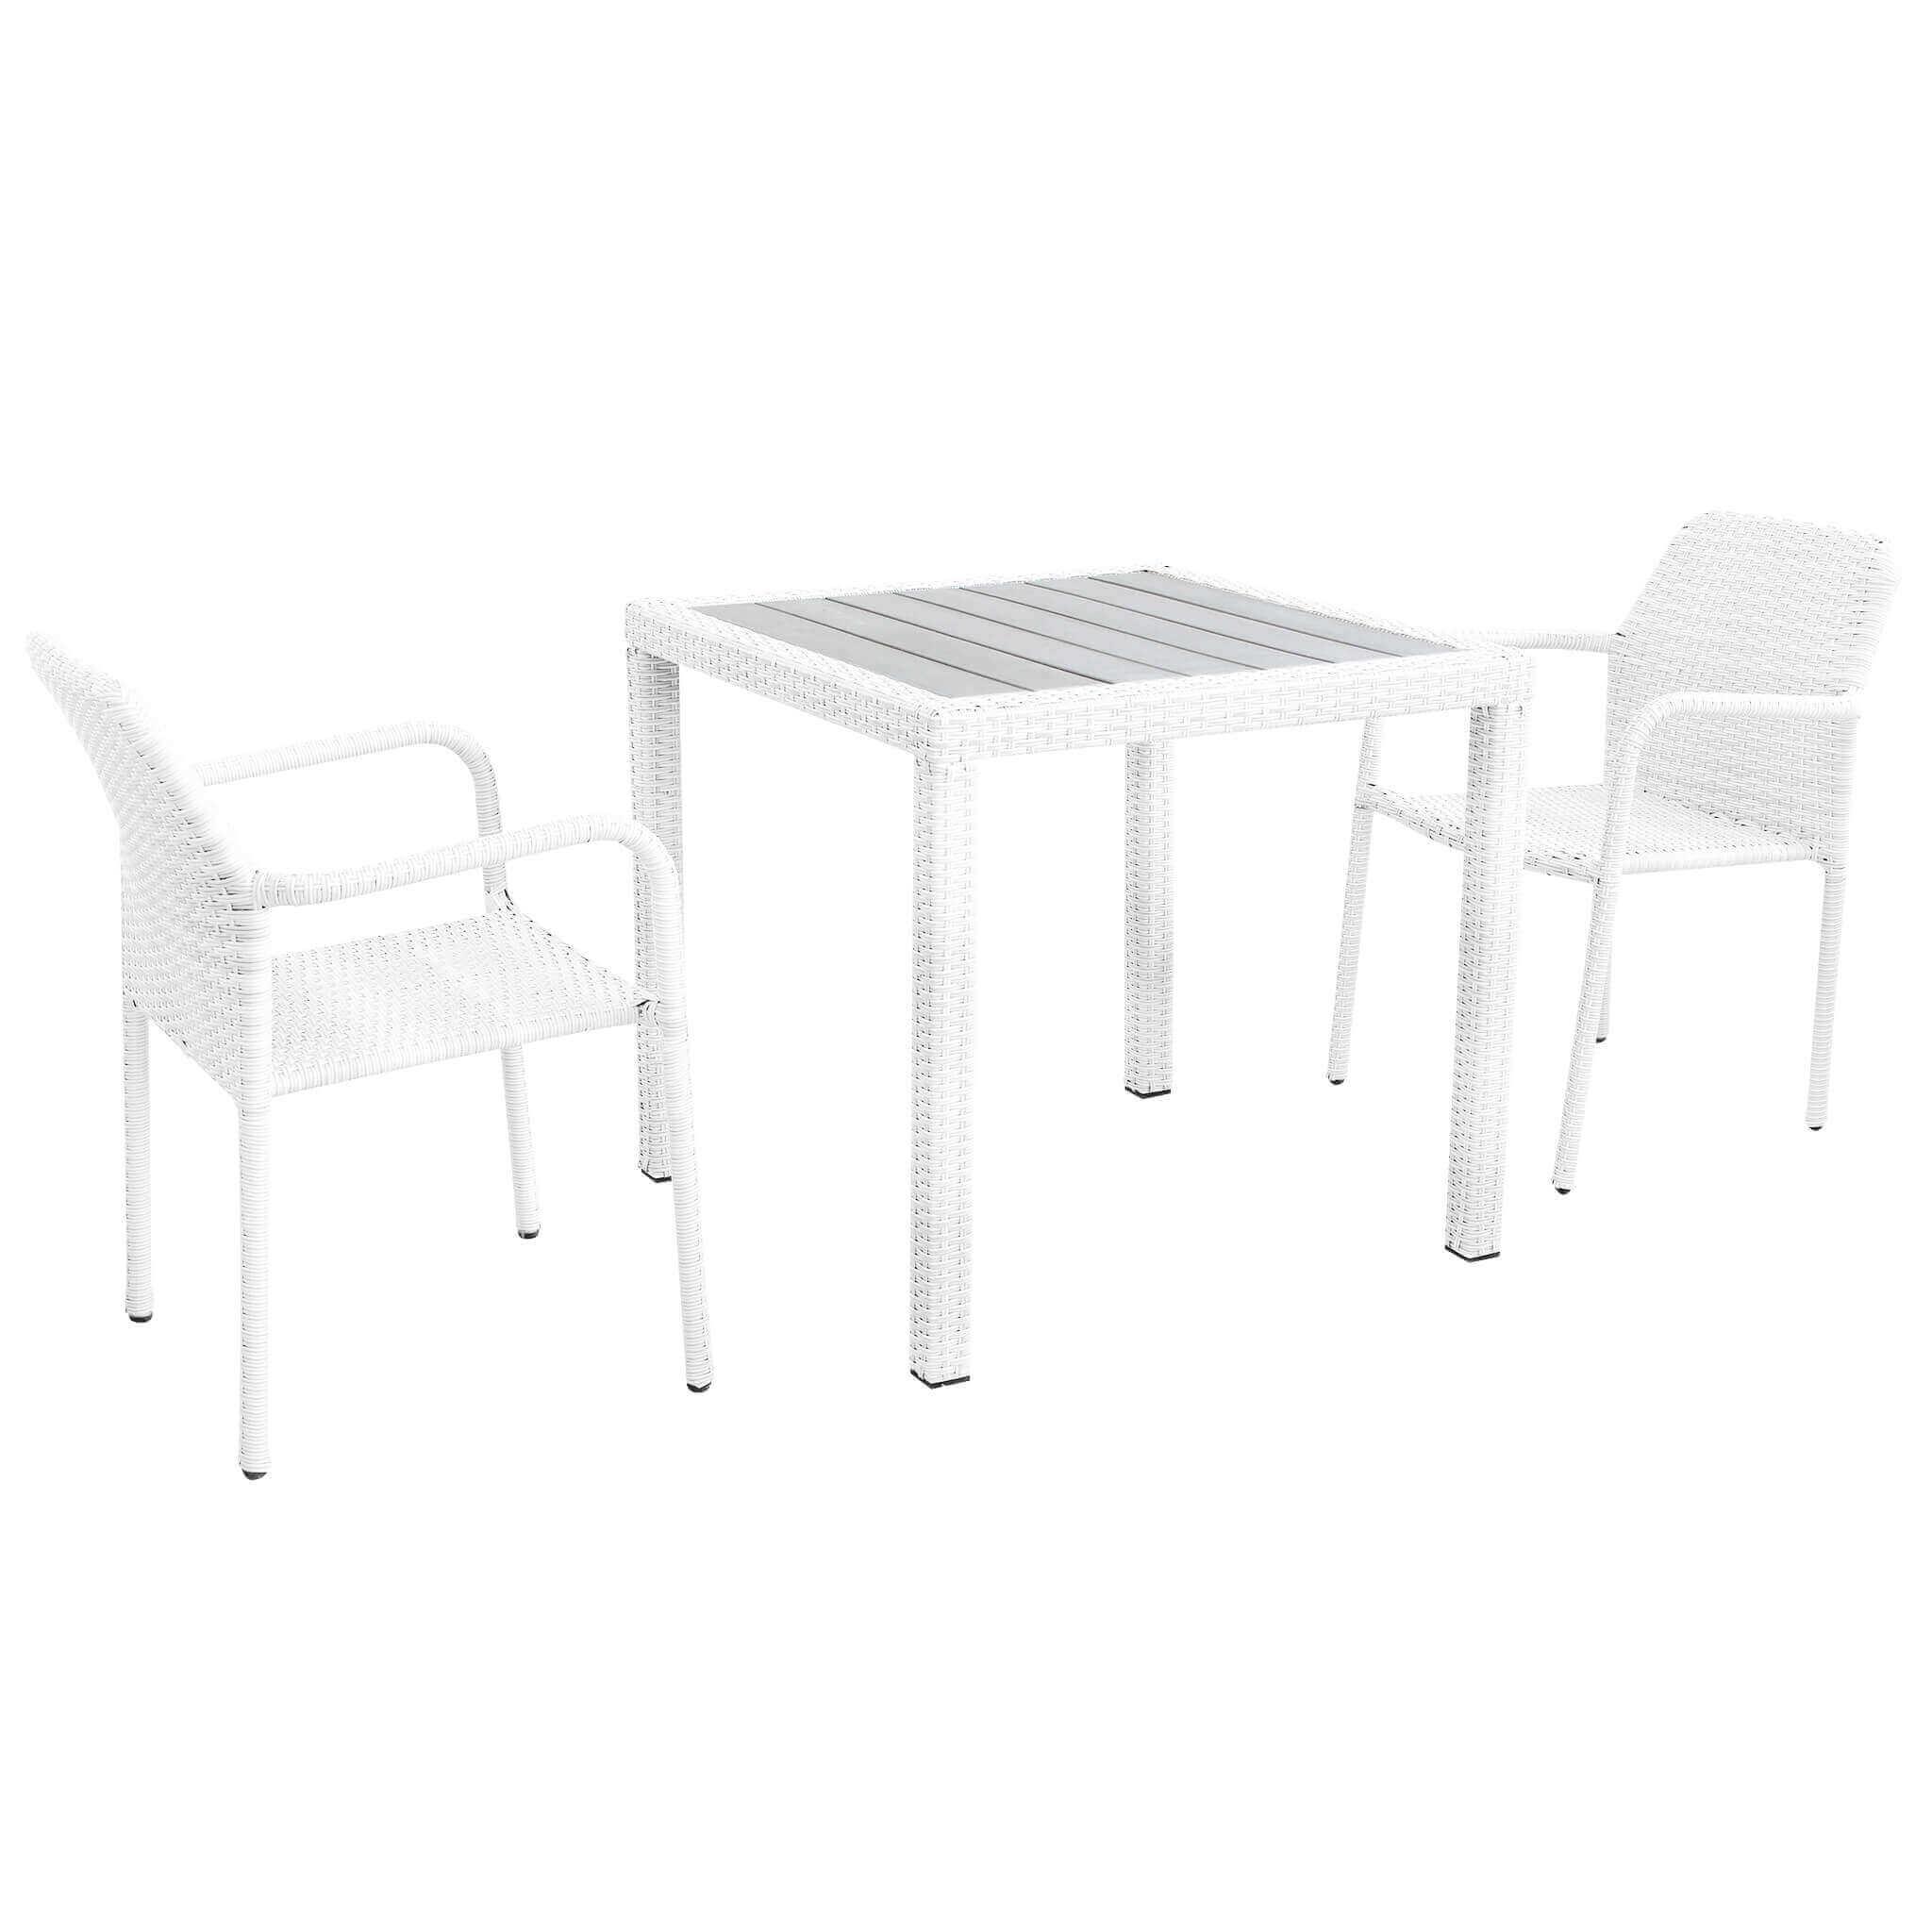 Milani Home AXOR - set tavolo da giardino con piano in polywood 80 x 80 compreso di 2 poltrone intreccio in rattan sintetico